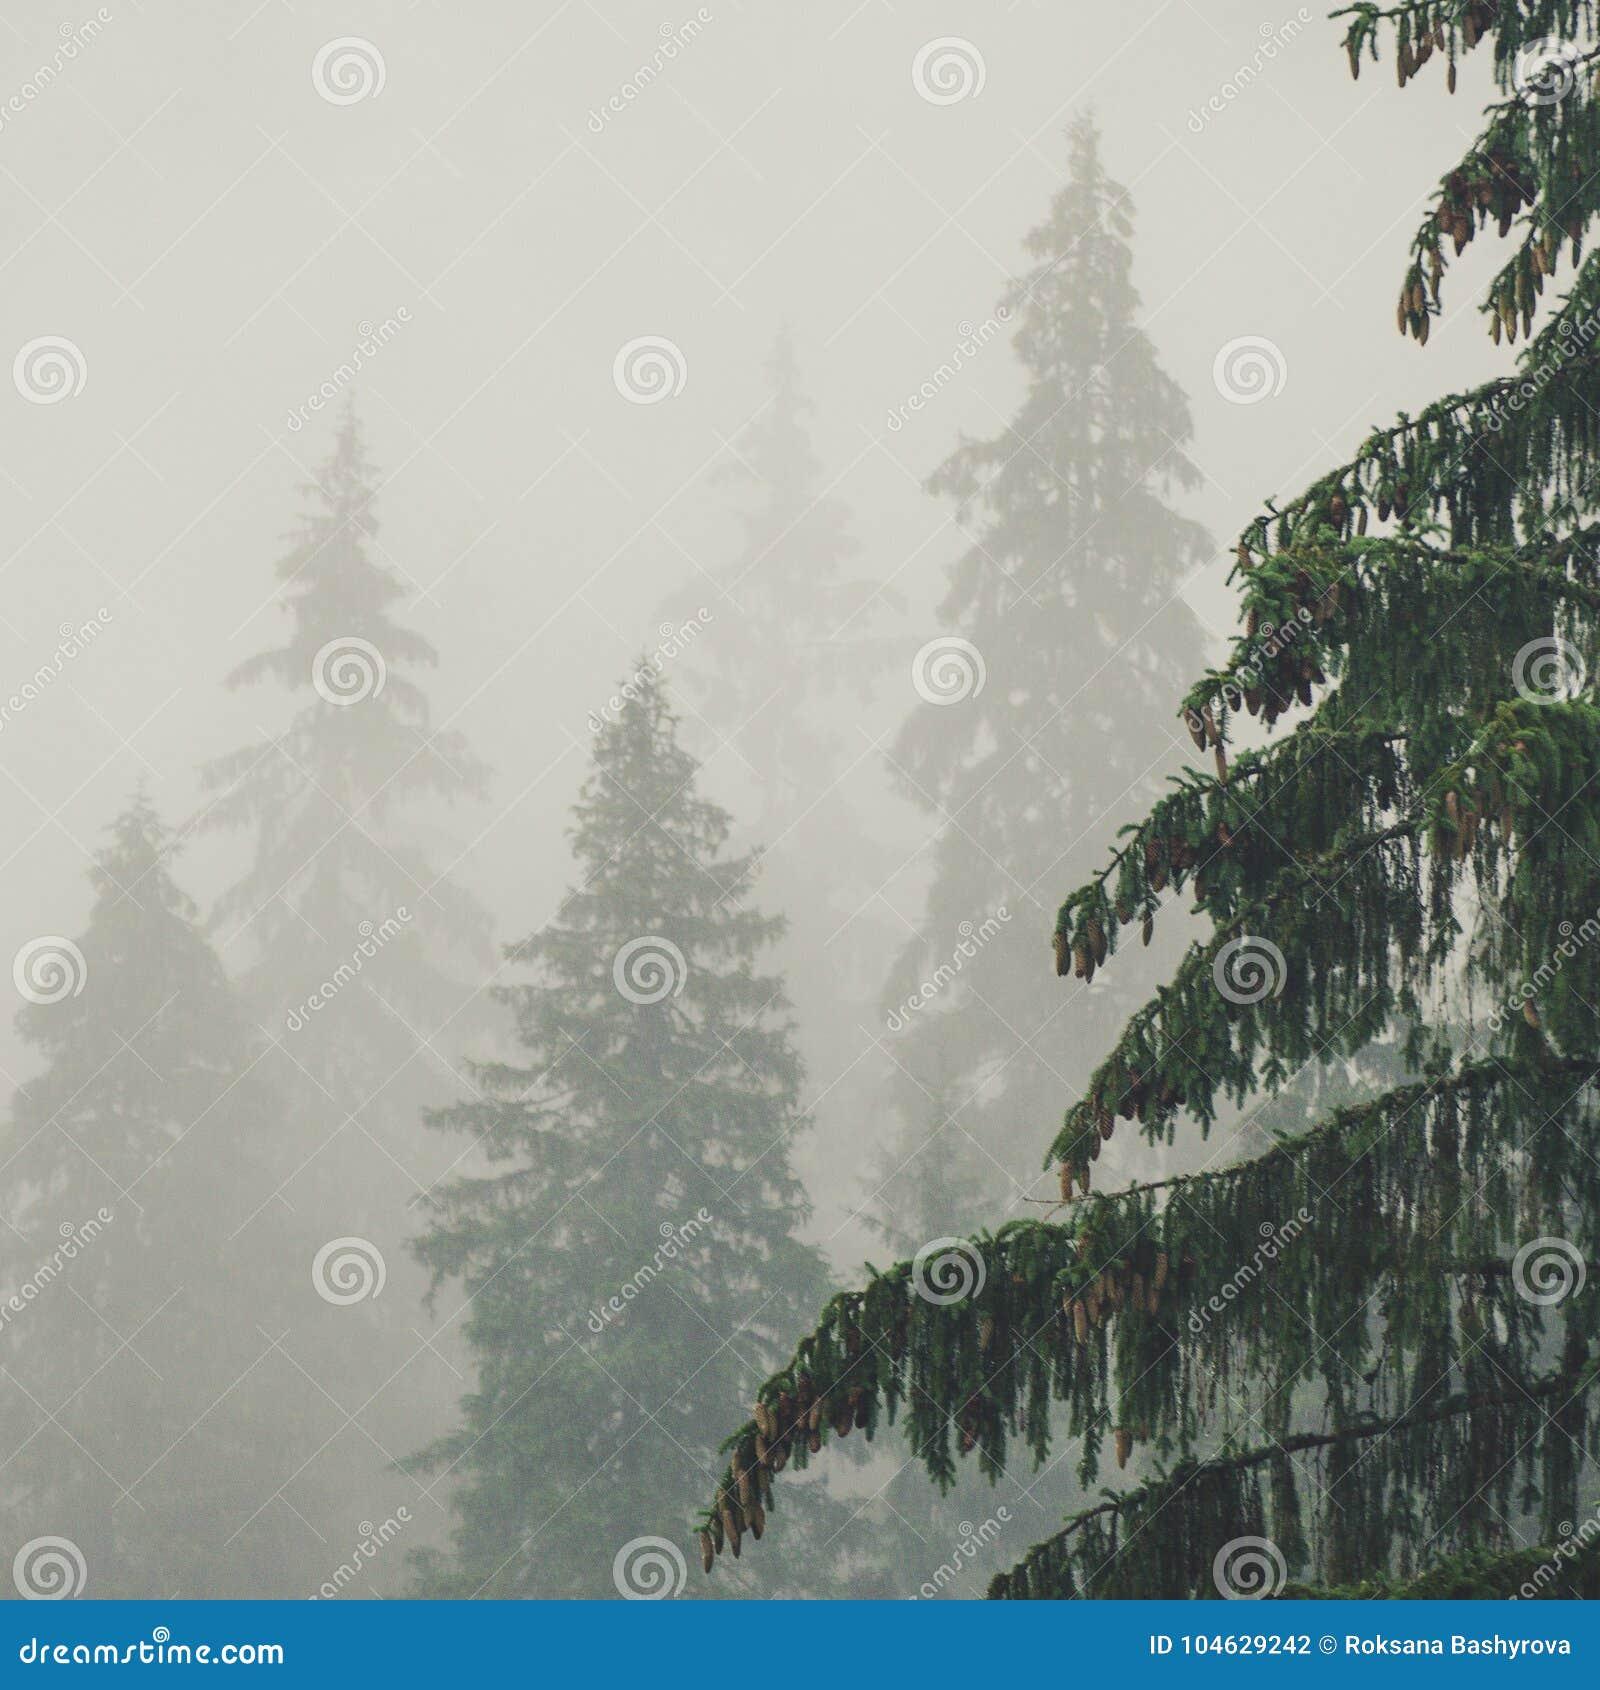 Download Mistig ochtendlandschap stock foto. Afbeelding bestaande uit licht - 104629242